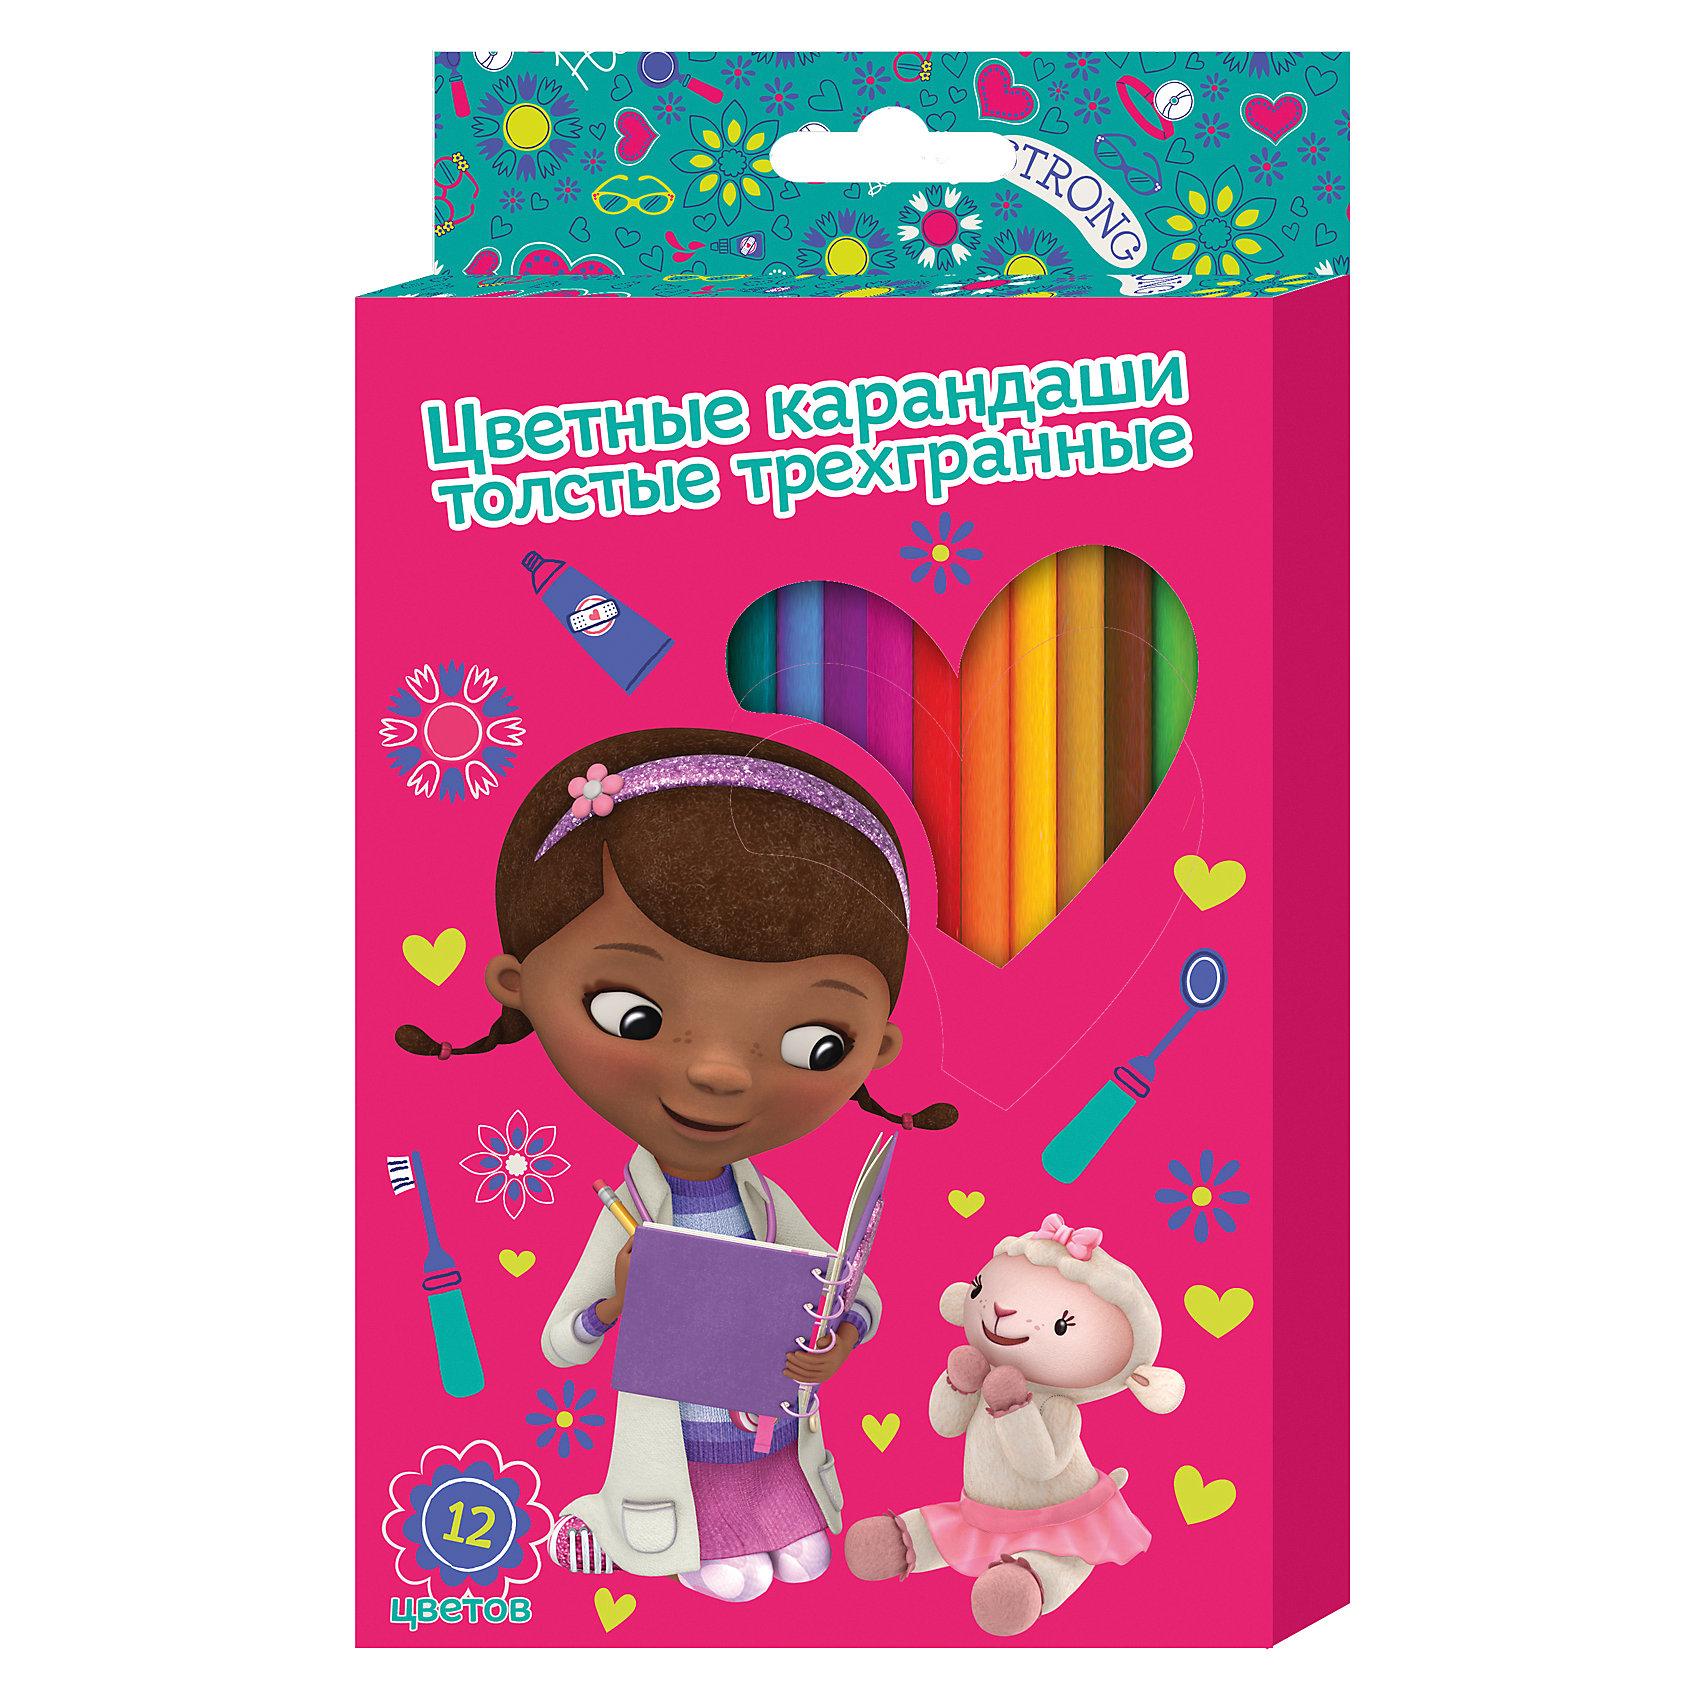 Толстые карандаши Доктор Плюшева 12 цветовТолстые цветные карандаши Доктор Плюшева идеально подходят для рисования, письма и раскрашивания. Карандаши разработаны специально для малышей: благодаря утолщенному корпусу, они особенно удобны для детской руки, поэтому юная художница может правильно их держать и без усталости рисовать. Мягкие карандаши не требуют сильного нажатия, обладают яркими цветами, изготовлены из высококачественной древесины, легко затачиваются, имеют прочный грифель, который не сломается при заточке и не раскрошится внутри корпуса, если ребёнок нечаянно уронит карандаш на пол. Карандаши безопасны при использовании по назначению. <br><br>Дополнительная информация:<br><br>- Материал: дерево.<br>- Размер упаковки: 21х12х1 см<br>- 12 цветов.<br><br>Толстые цветные карандаши Доктор Плюшева 12 цветов, можно купить в нашем магазине.<br><br>Ширина мм: 210<br>Глубина мм: 120<br>Высота мм: 10<br>Вес г: 145<br>Возраст от месяцев: 36<br>Возраст до месяцев: 108<br>Пол: Женский<br>Возраст: Детский<br>SKU: 4073978